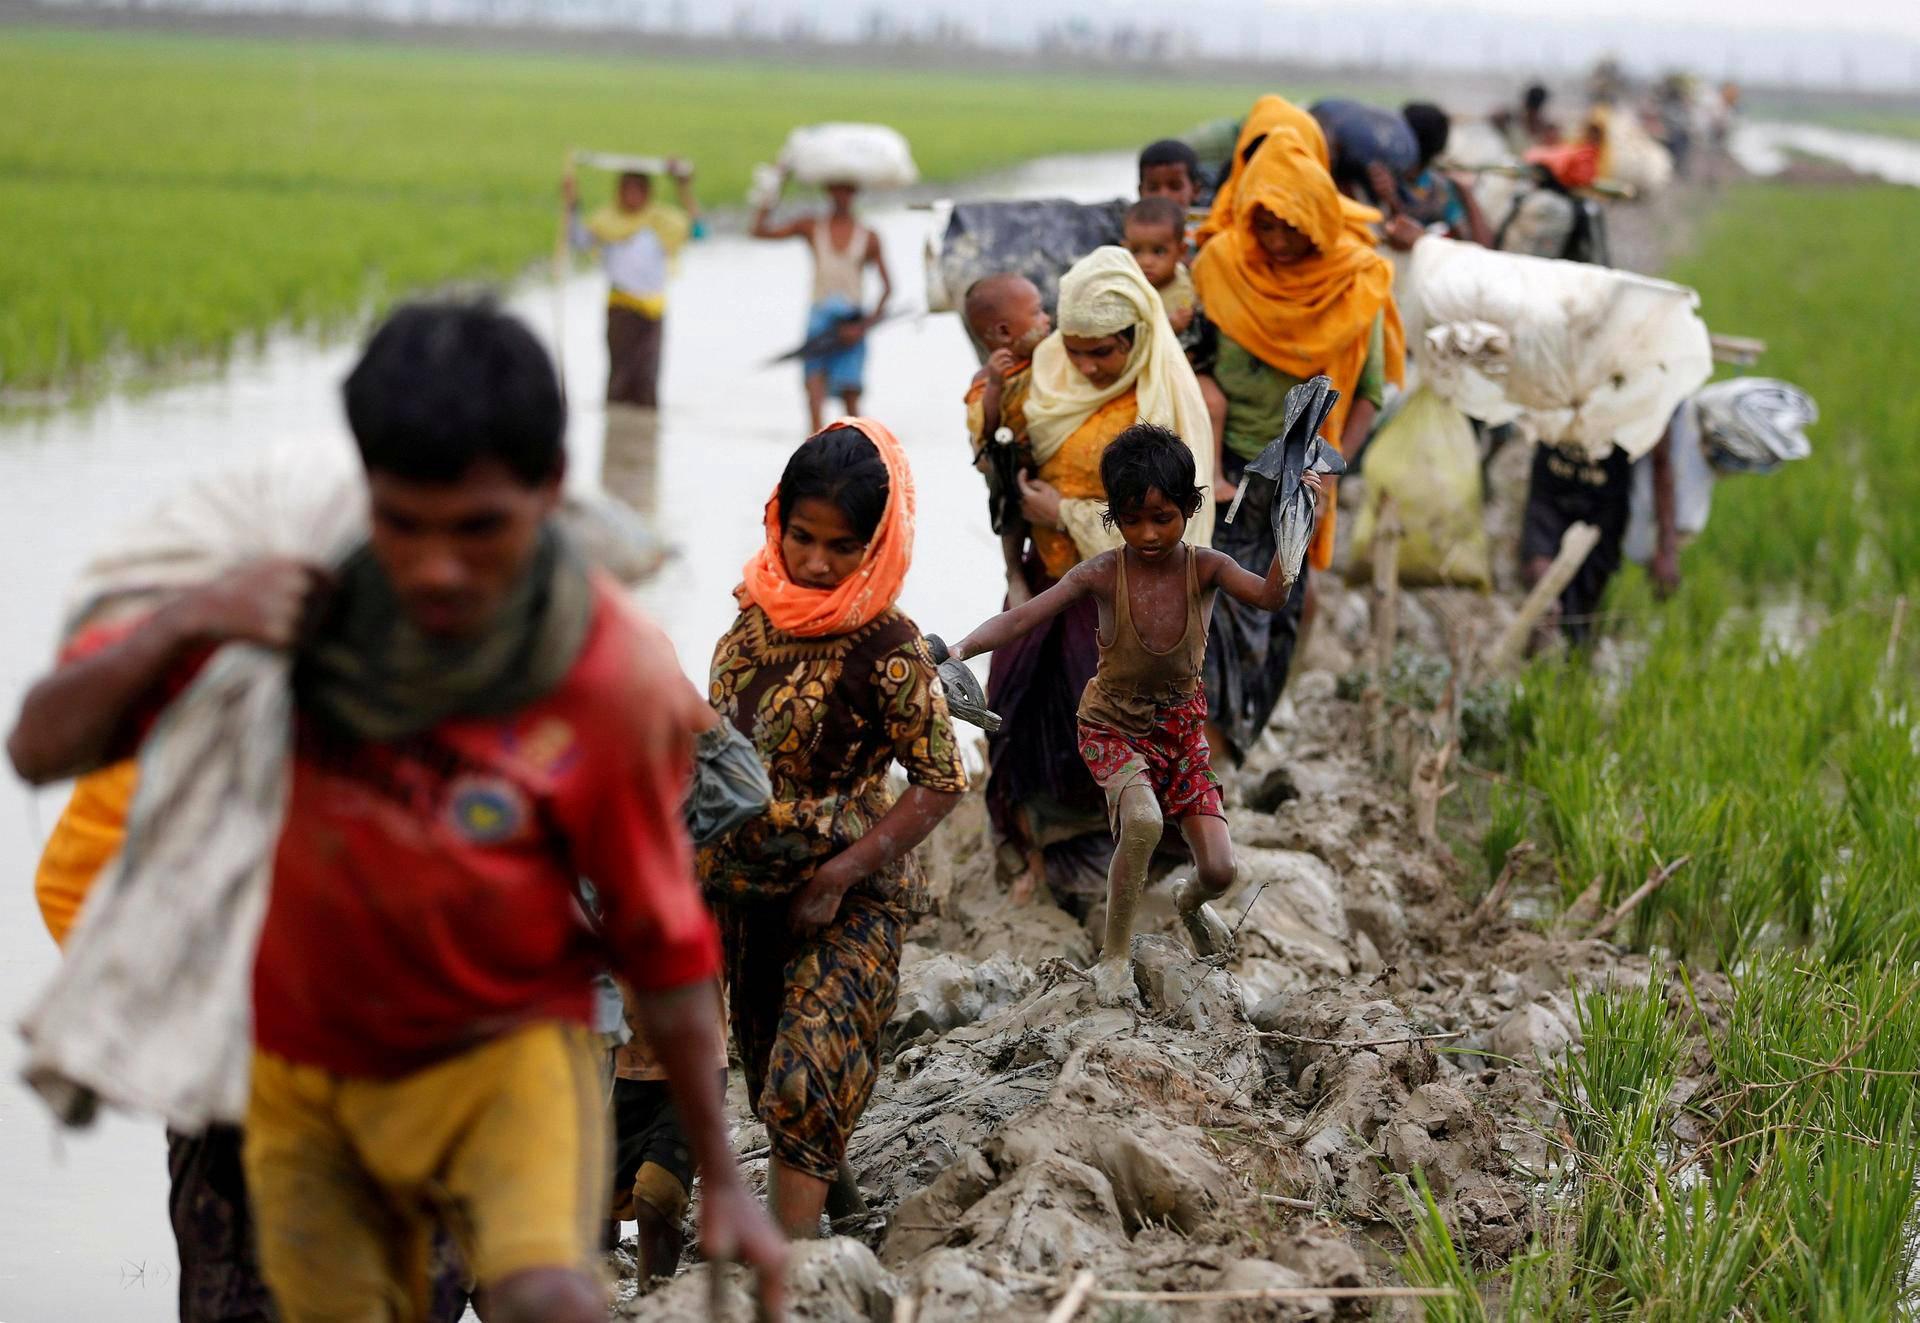 Myanmarista paenneita rohingya-perheitä vaeltamassa Bangladeshiin sunnuntaina Teknafin alueella. Myanmarissa rohingya-muslimeja pidetään laittomina siirtolaisina, eikä heillä ole kansalaisoikeuksia.